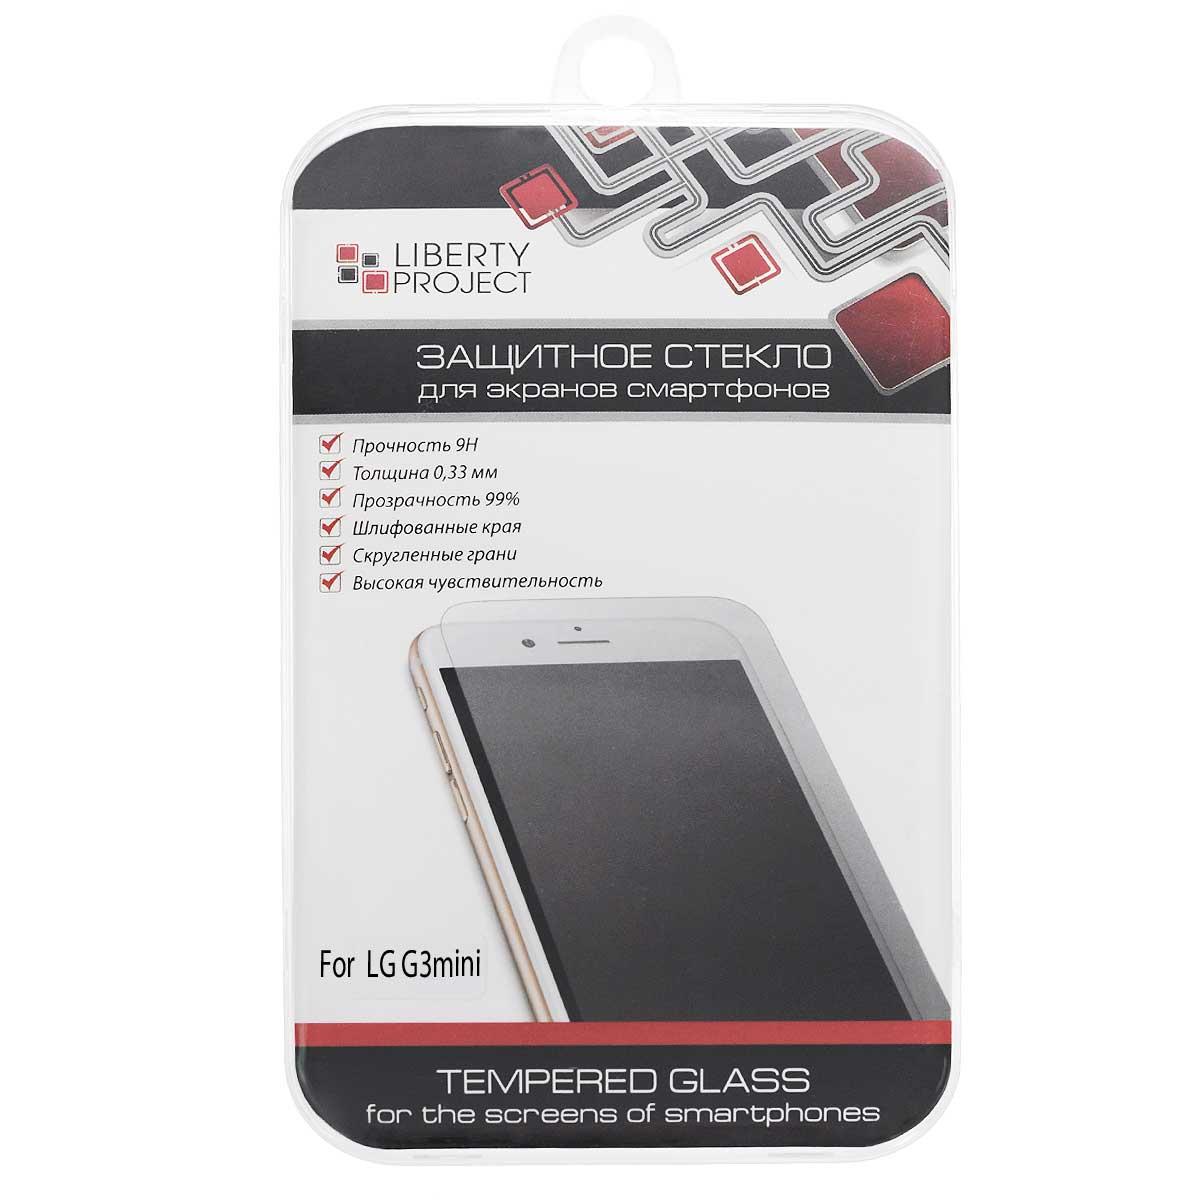 Liberty Project Tempered Glass защитное стекло для LG G3 mini, Clear (0,33 мм)0L-00000513Защитное стекло Liberty Project Tempered Glass предназначено для защиты поверхности экрана, от царапин,потертостей, отпечатков пальцев и прочих следов механического воздействия. Гарантирует высокуючувствительность при работе с устройством. Данная модель также обладает антибликовым и водоотталкивающимэффектом.